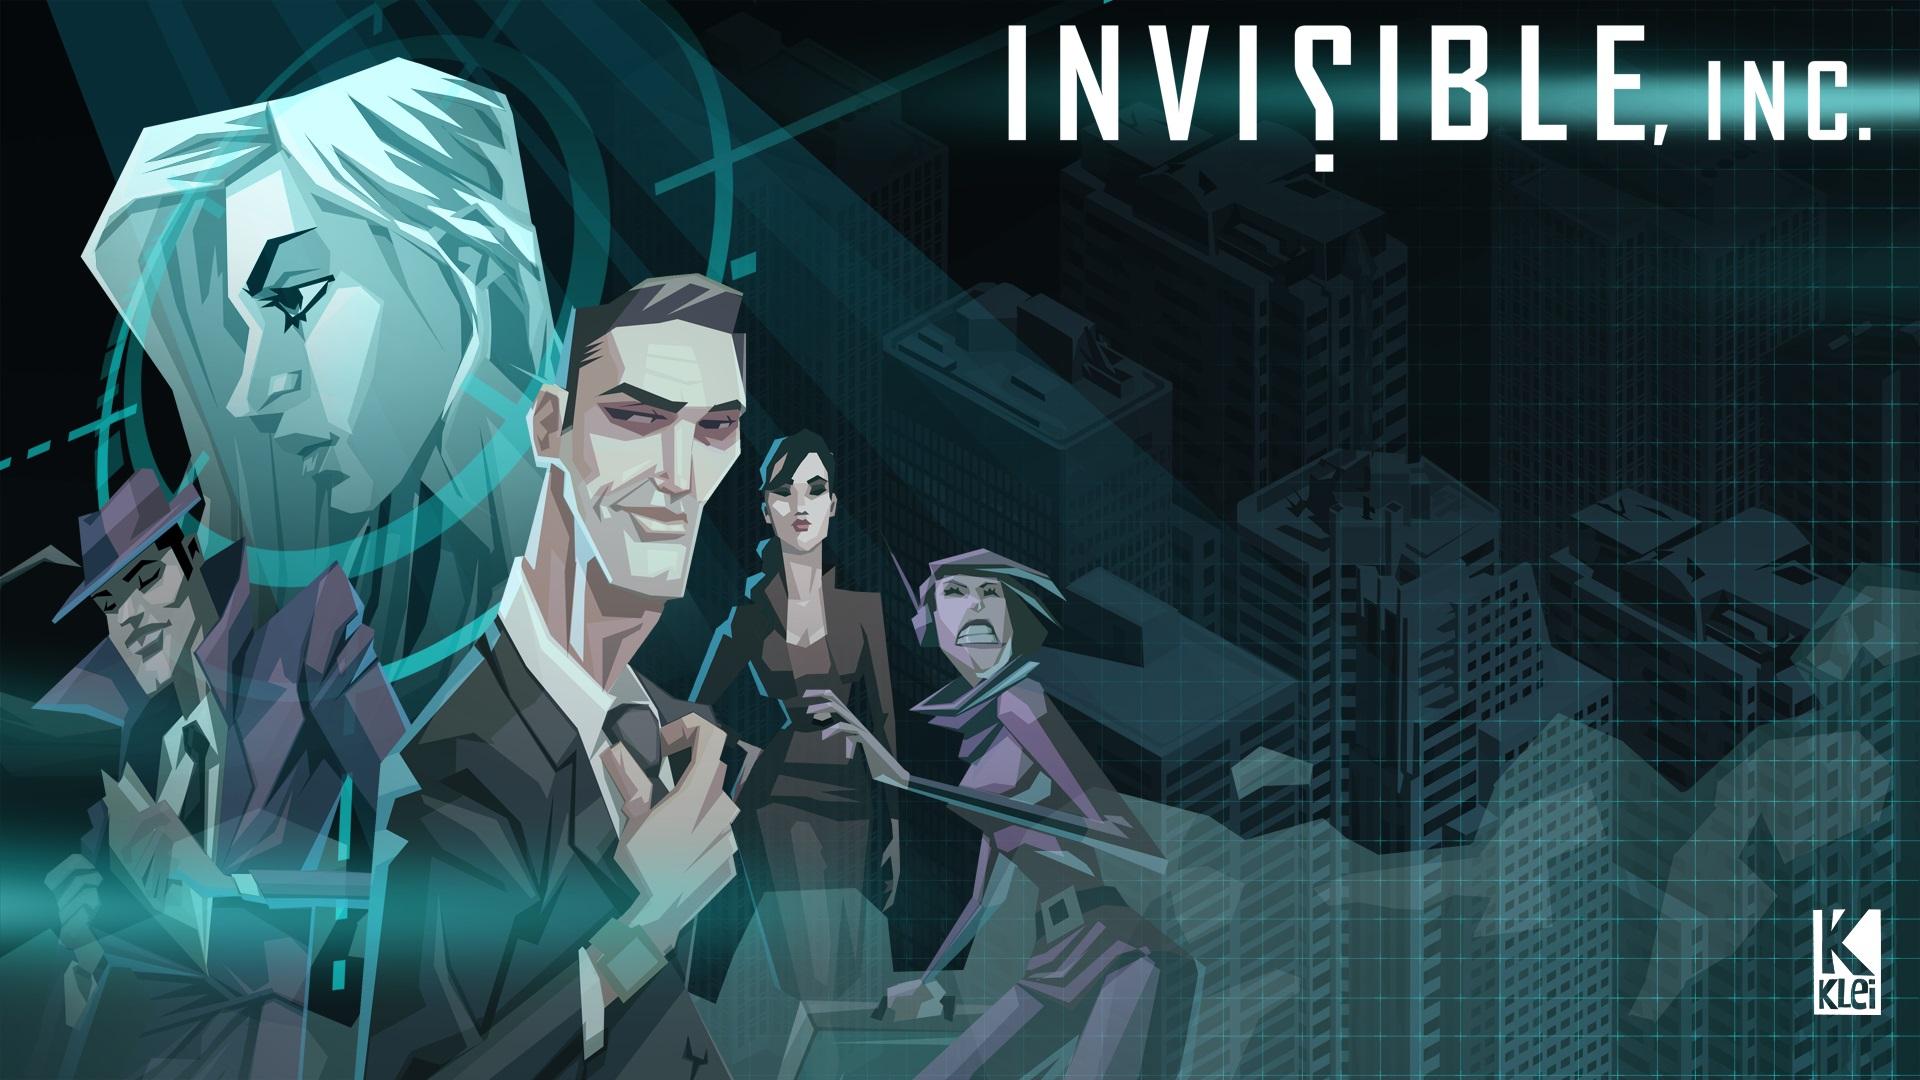 بروزرسانی جدیدی برای بازی Invisible, Inc در راه است